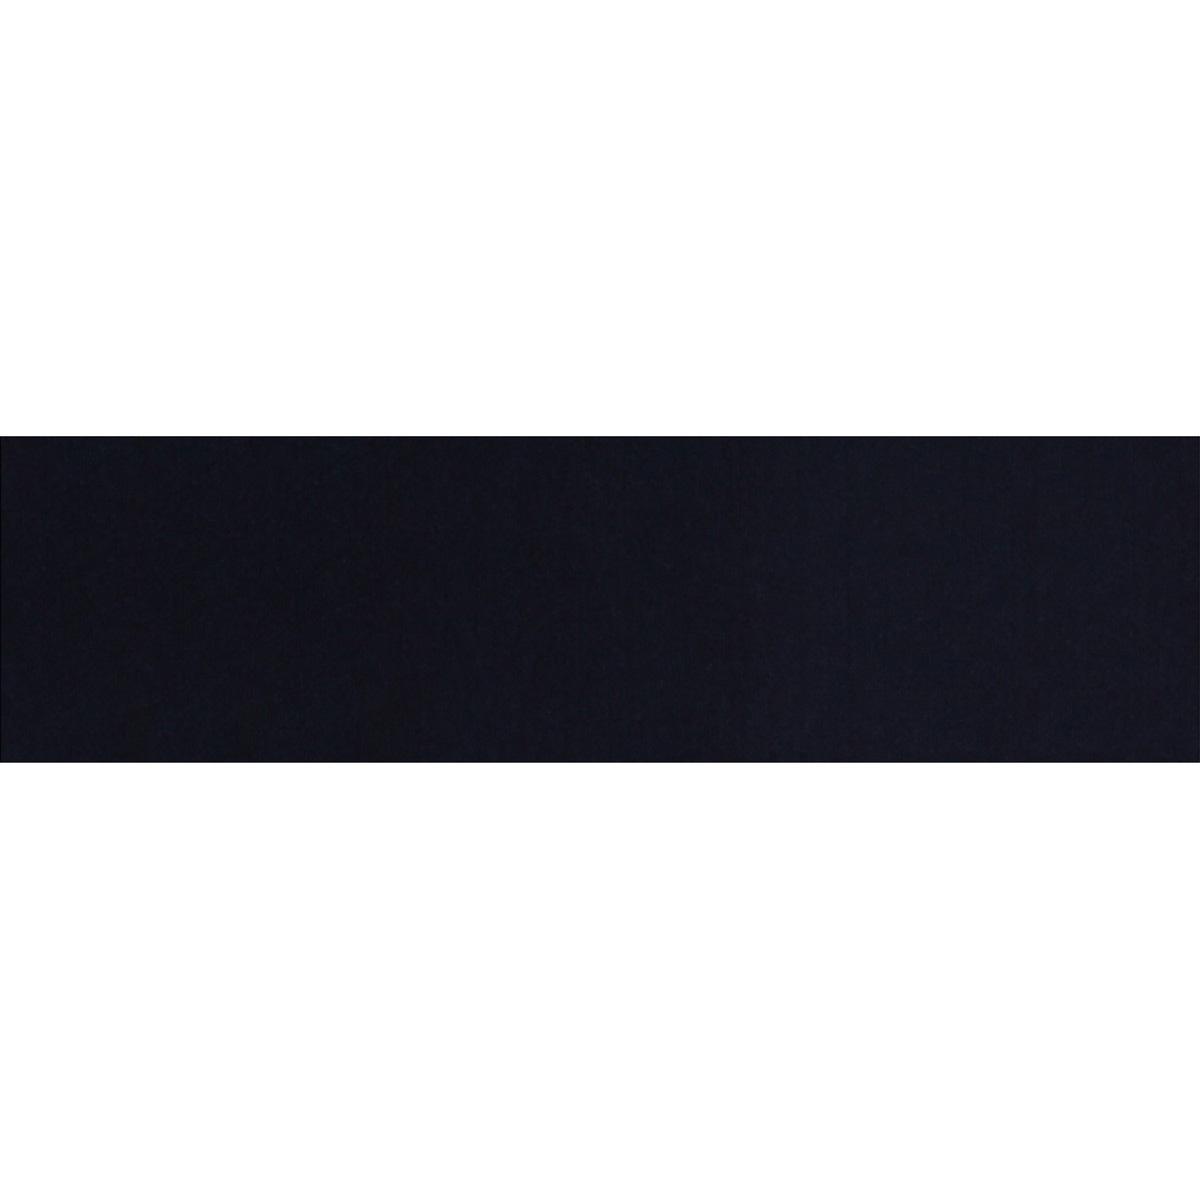 下敷きすべり止め厚三枚判[オリジナル] アーテック 書道 習字 書初め 書き初め 小学生 学校教材 習字 書き方 書き初め 子供 小学生 国語 クリスマスプレゼント